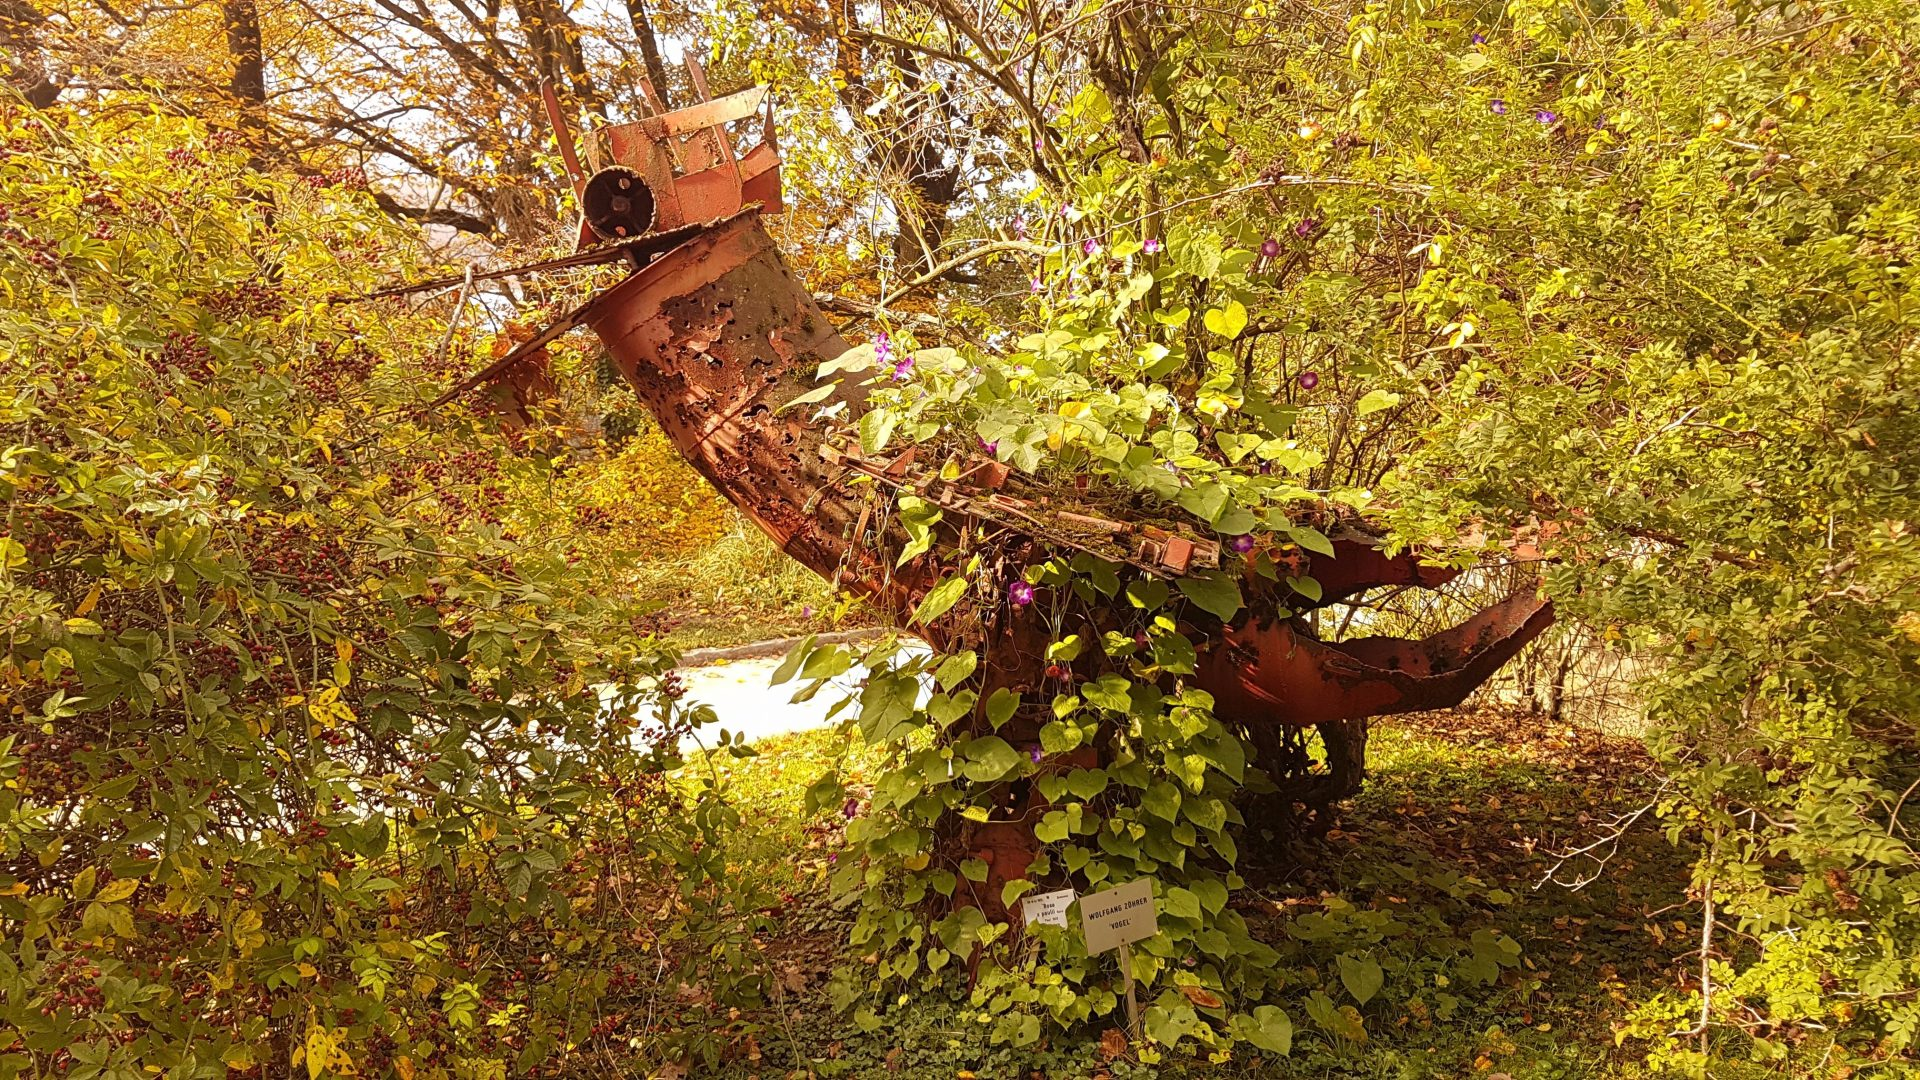 Инопланетный робот много лет назад захваченный в плен земной растительностью